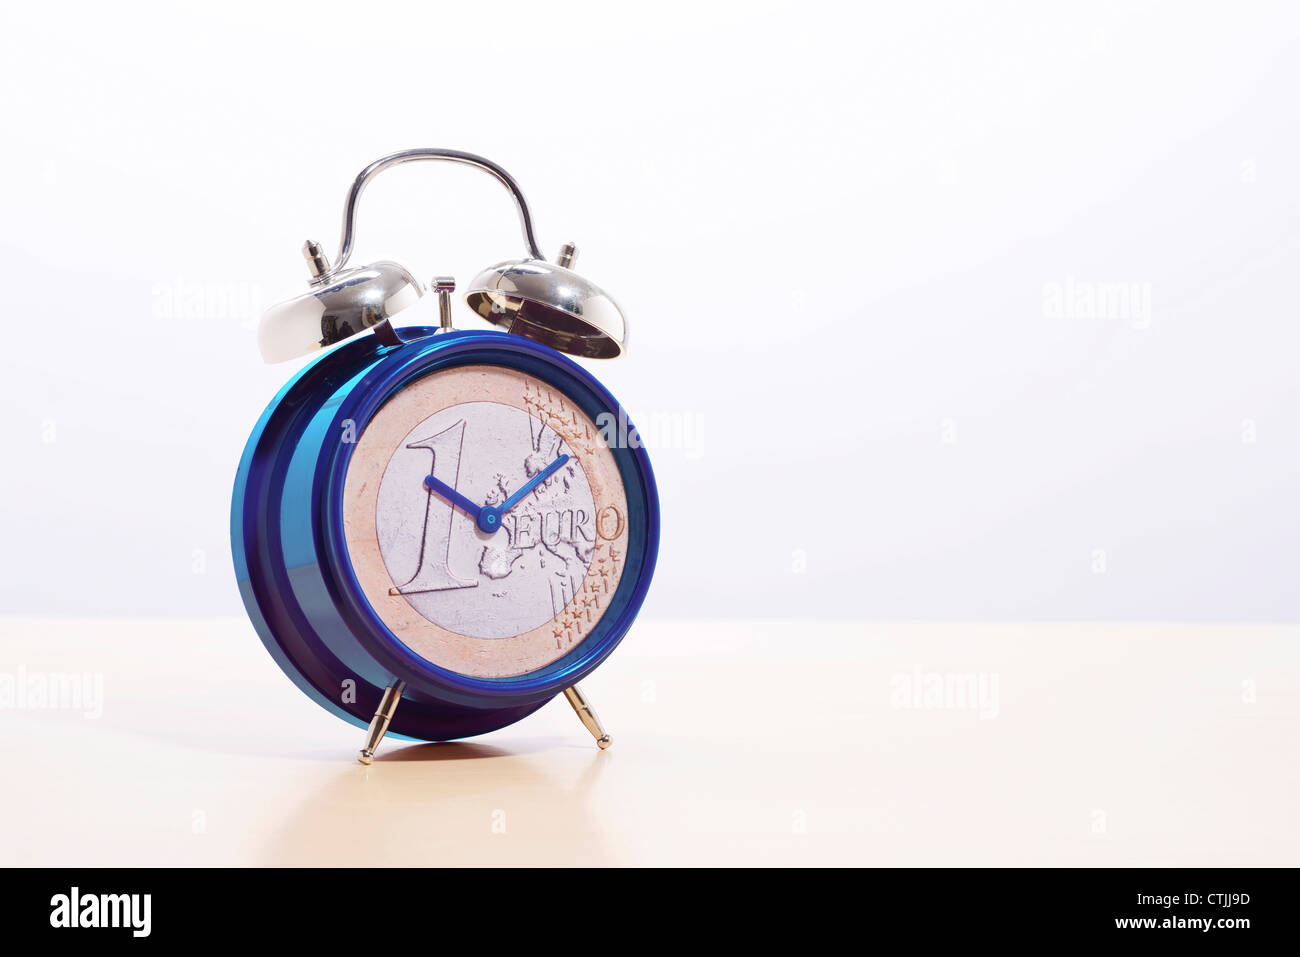 EU Europe euro coin on an alarm clock - Stock Image